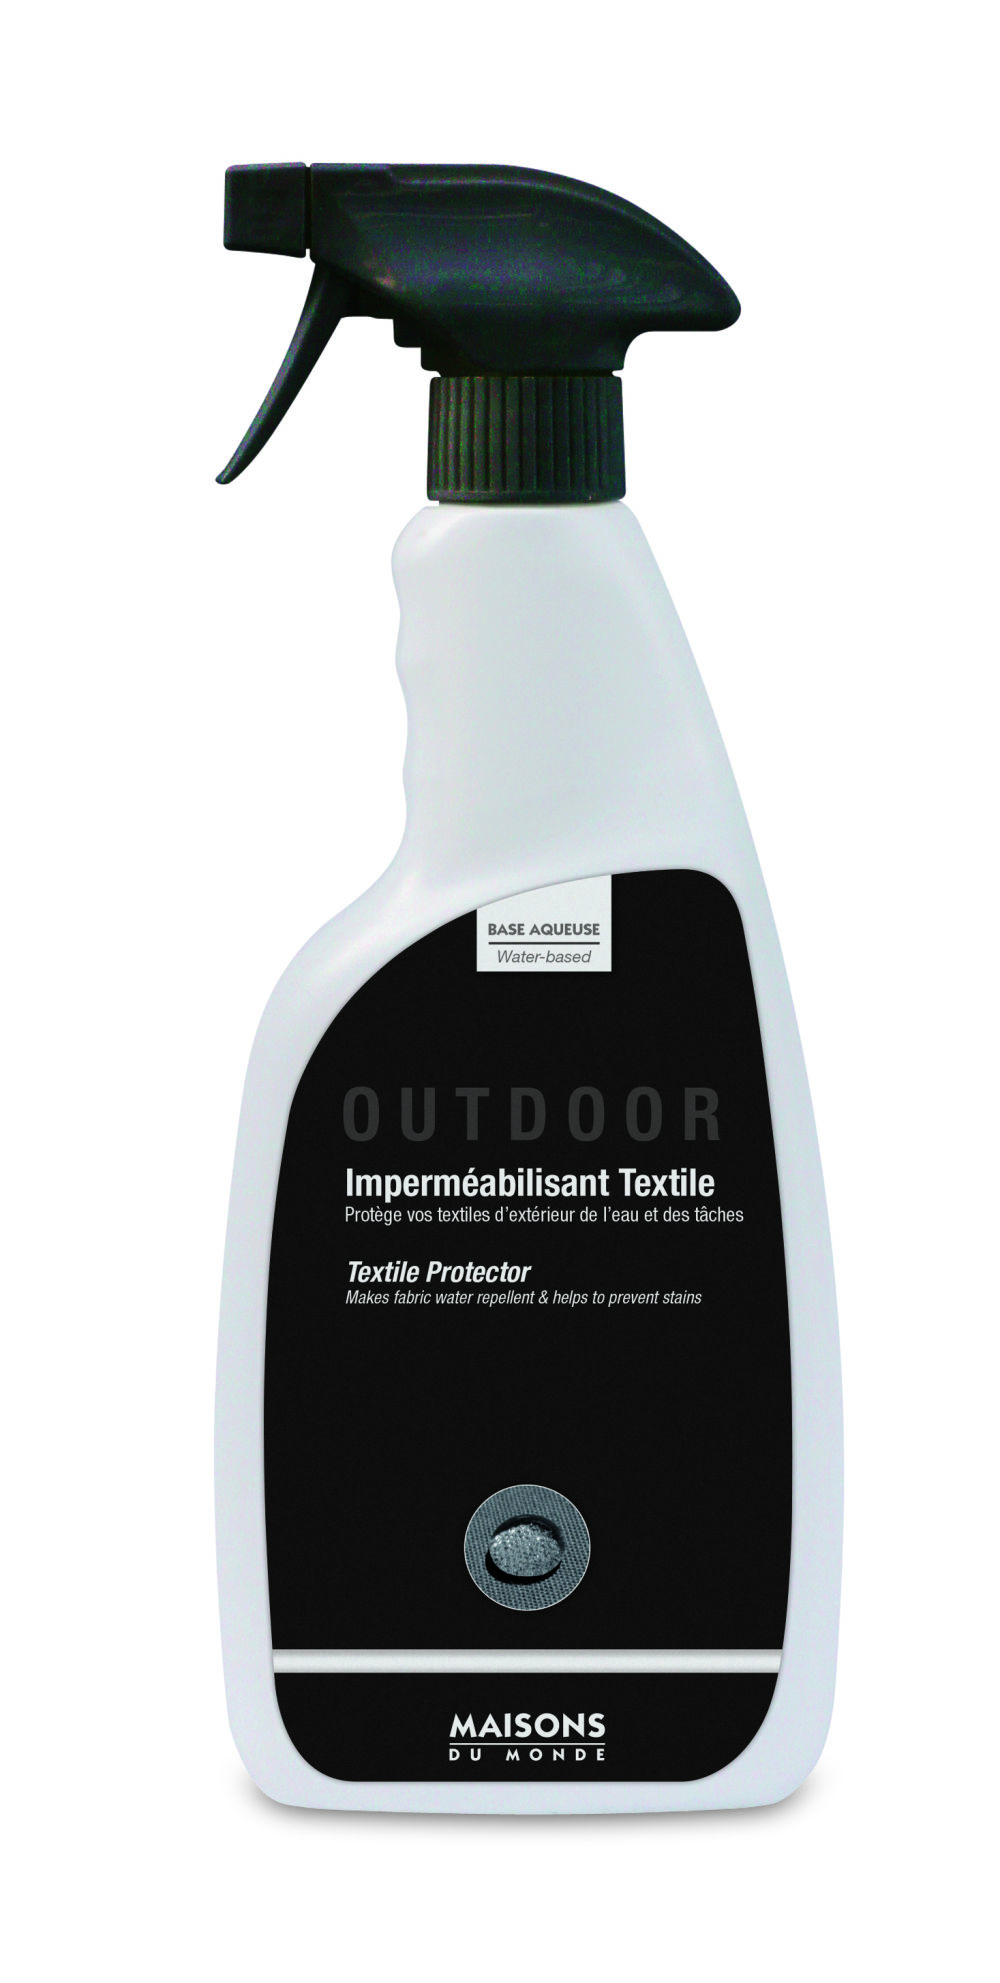 Imperméabilisant textile d'extérieur